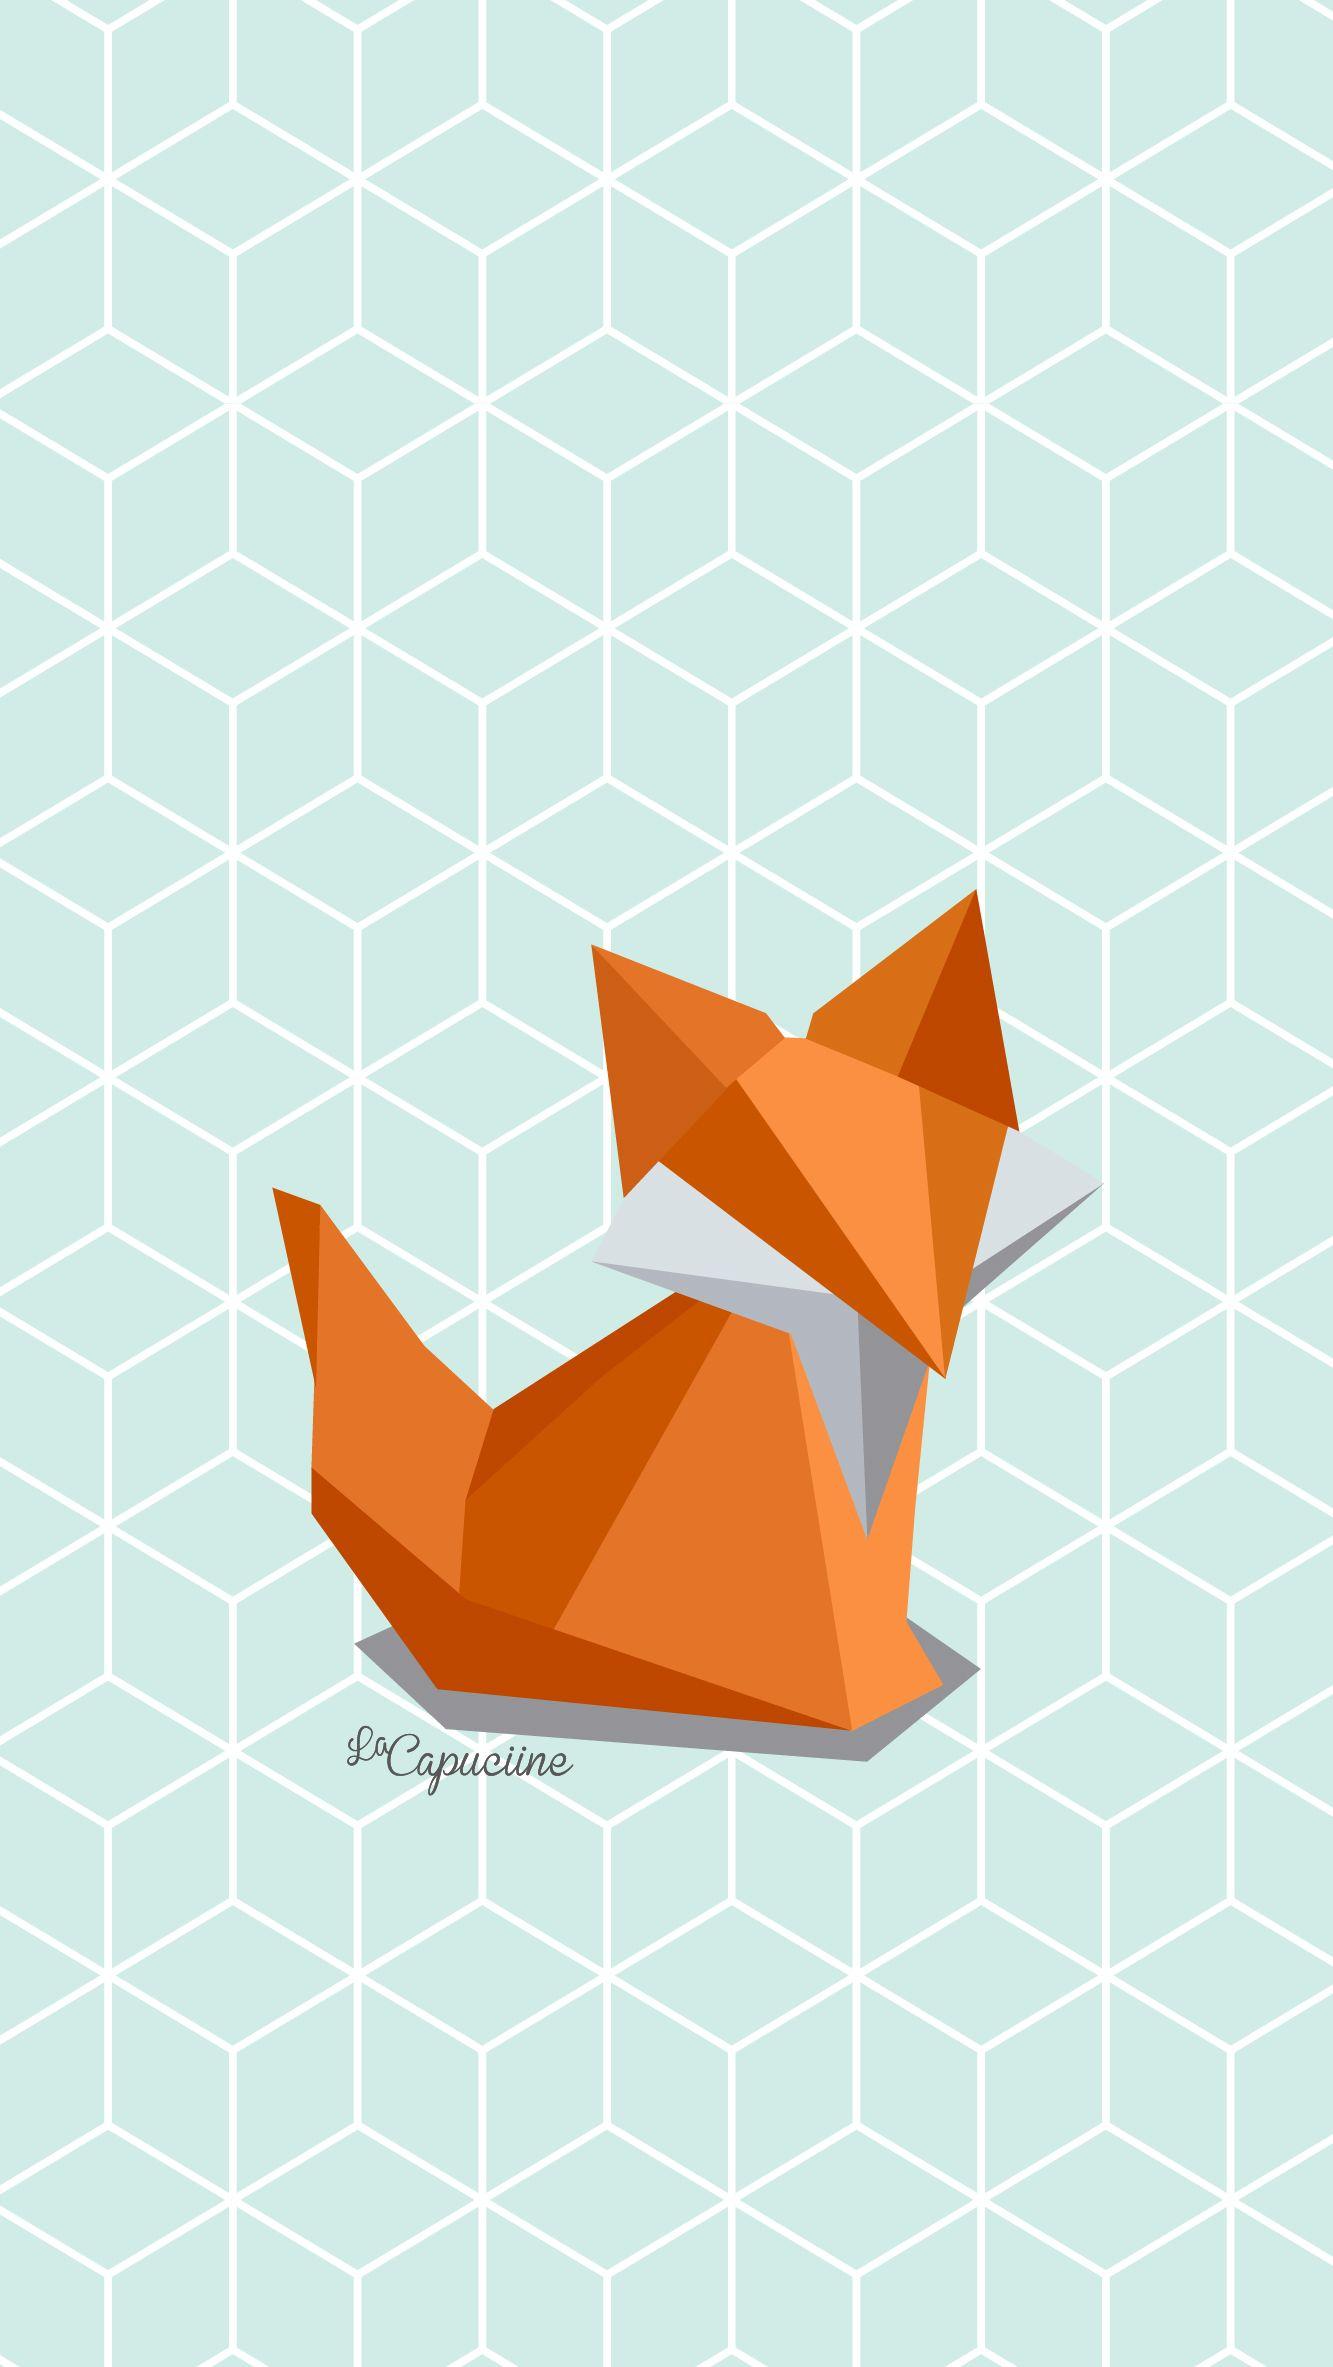 Fond D Ecran Renard Origami Fond D Ecran Renard Fond D Ecran Graphique Fond Ecran Hiver